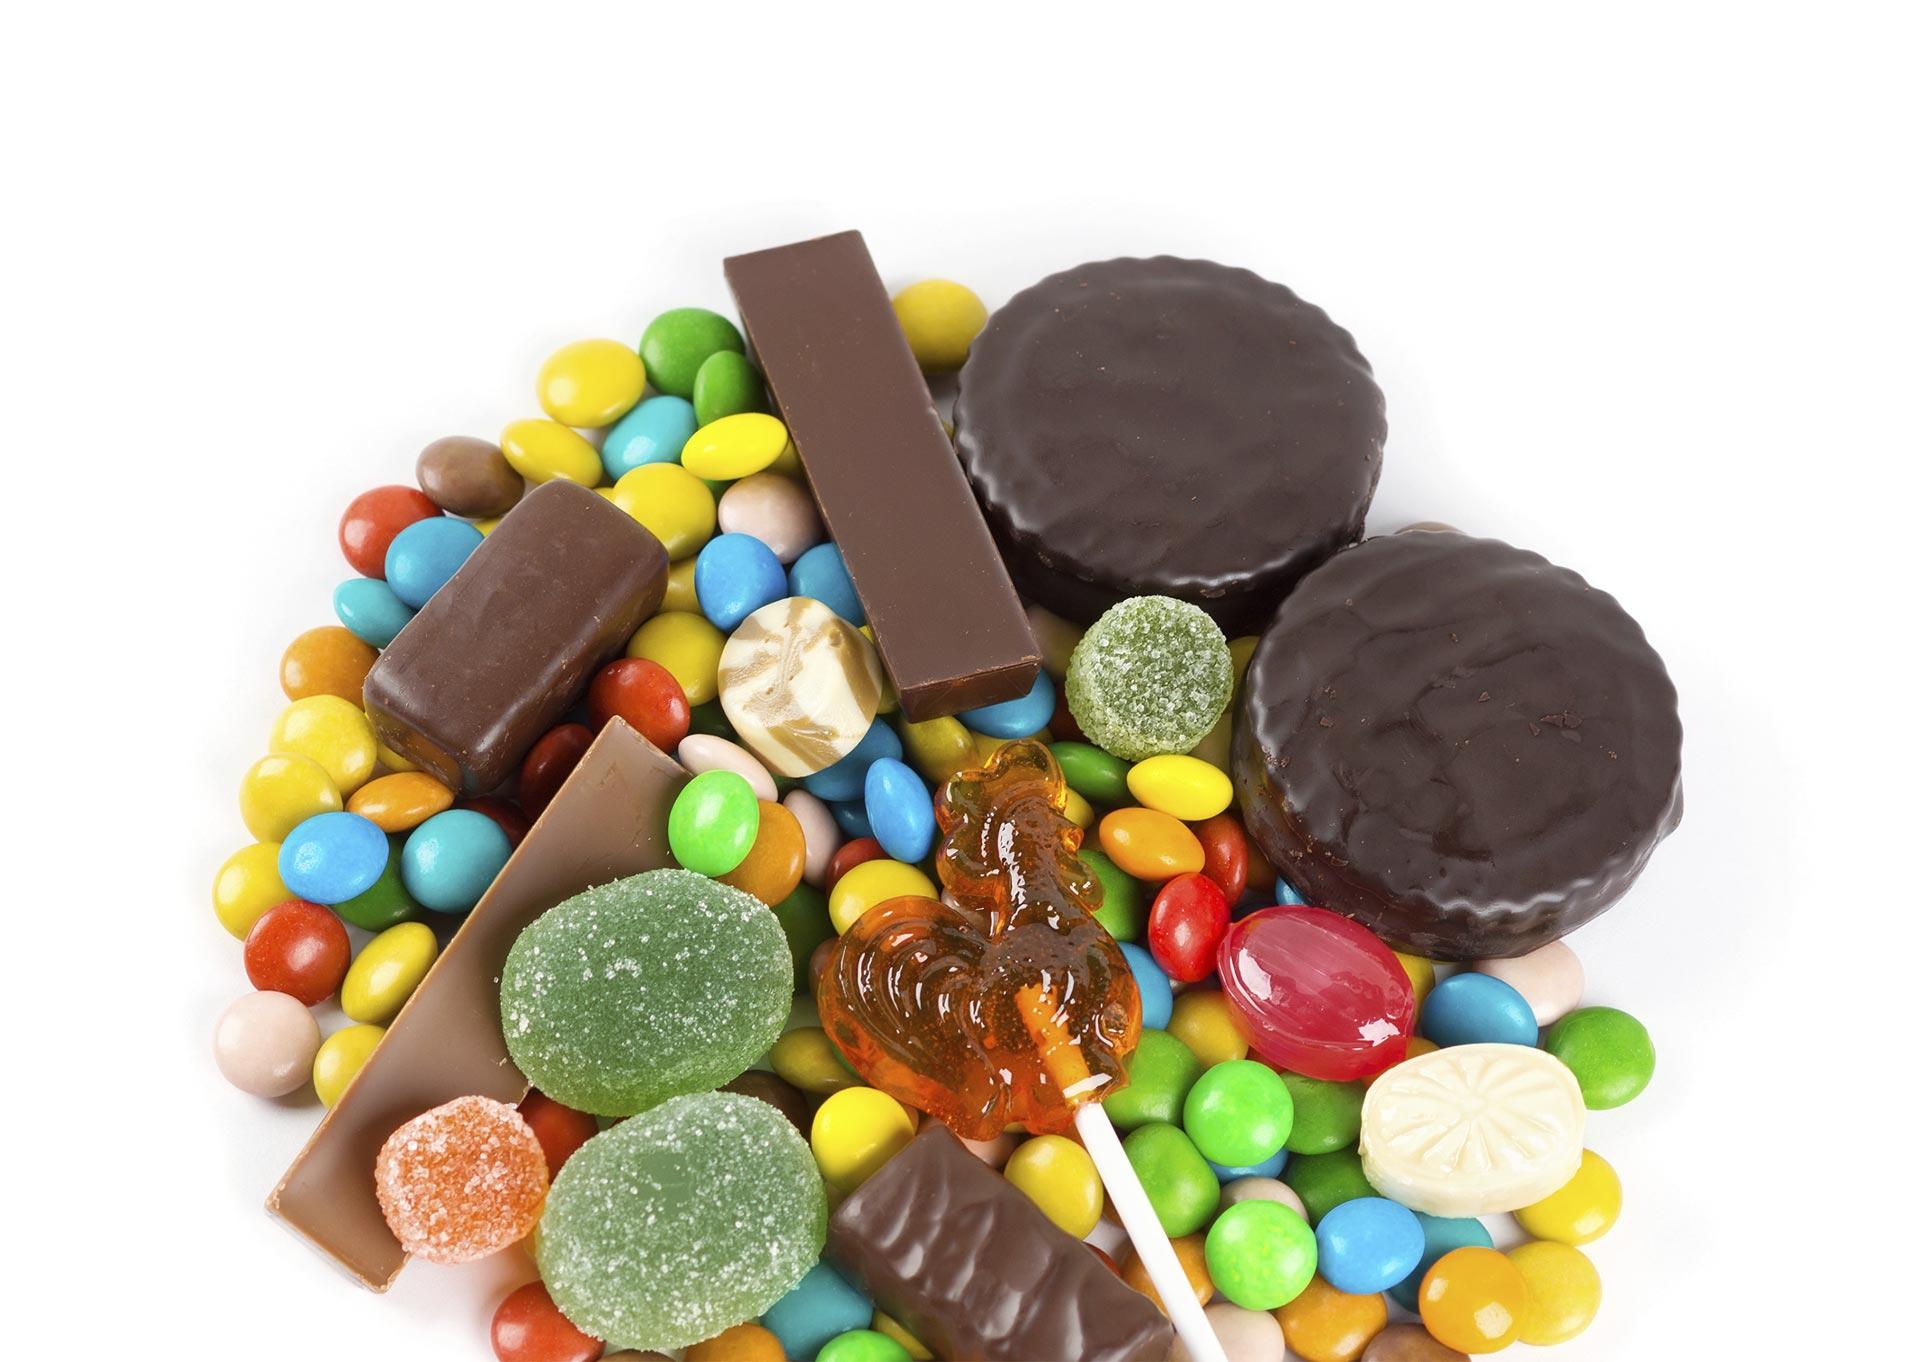 Científicos descubrieron una hormona que desarrolla el hígado que es capaz de inhibir o reducir el deseo de comer cosas dulces